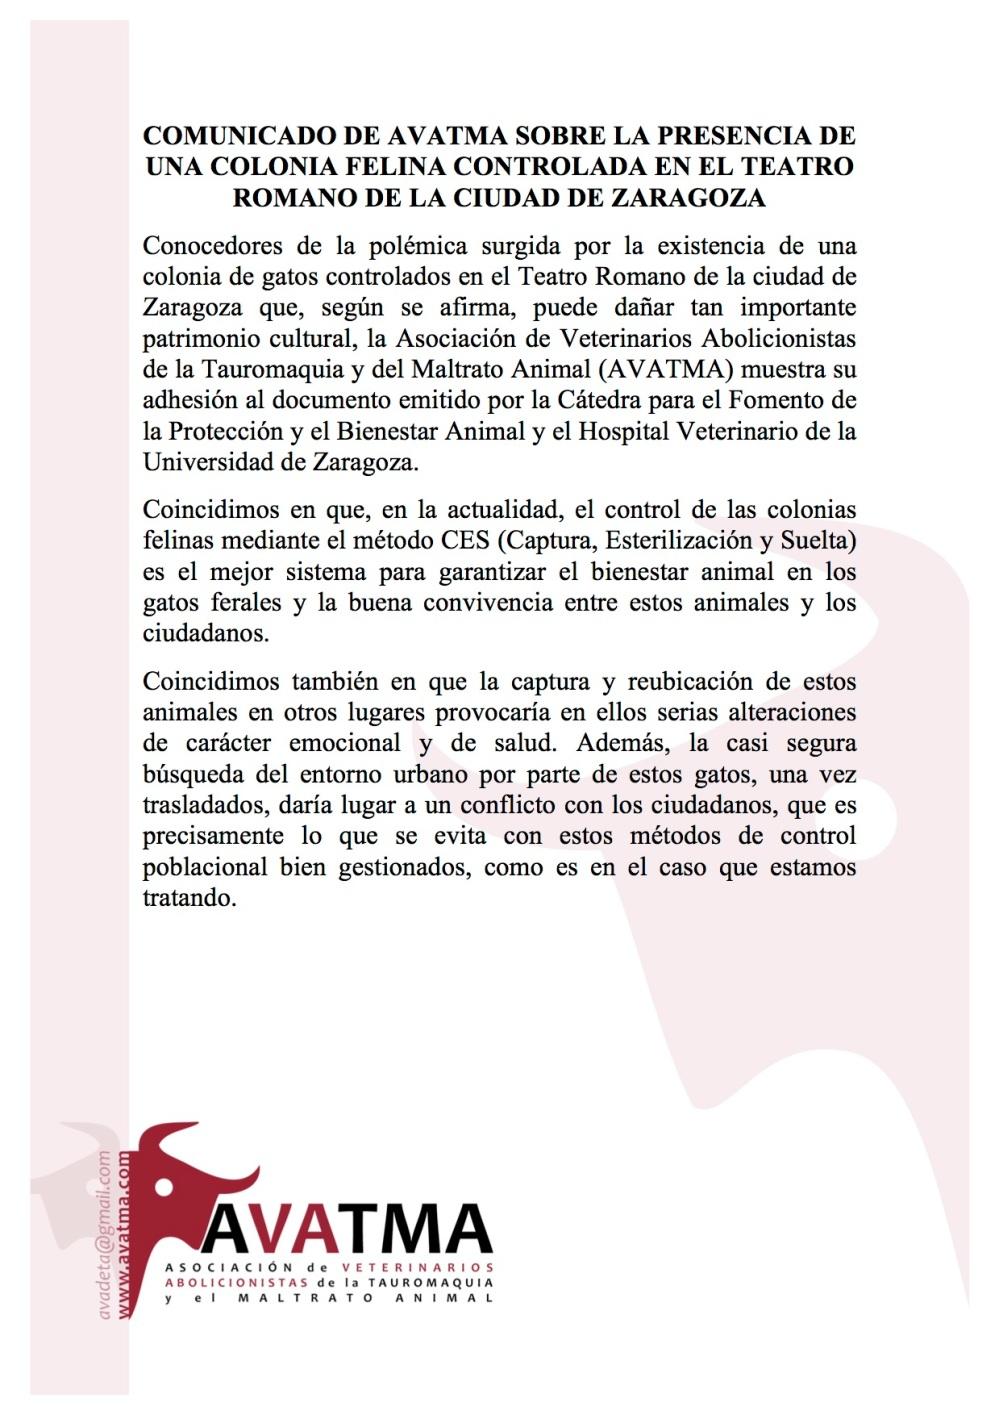 COMUNICADO DE AVATMA 1 SOBRE LA PRESENCIA DE UNA COLONIA FELINA CONTROLADA EN EL TEATRO ROMANO DE LA CIUDAD DE ZARAGOZA